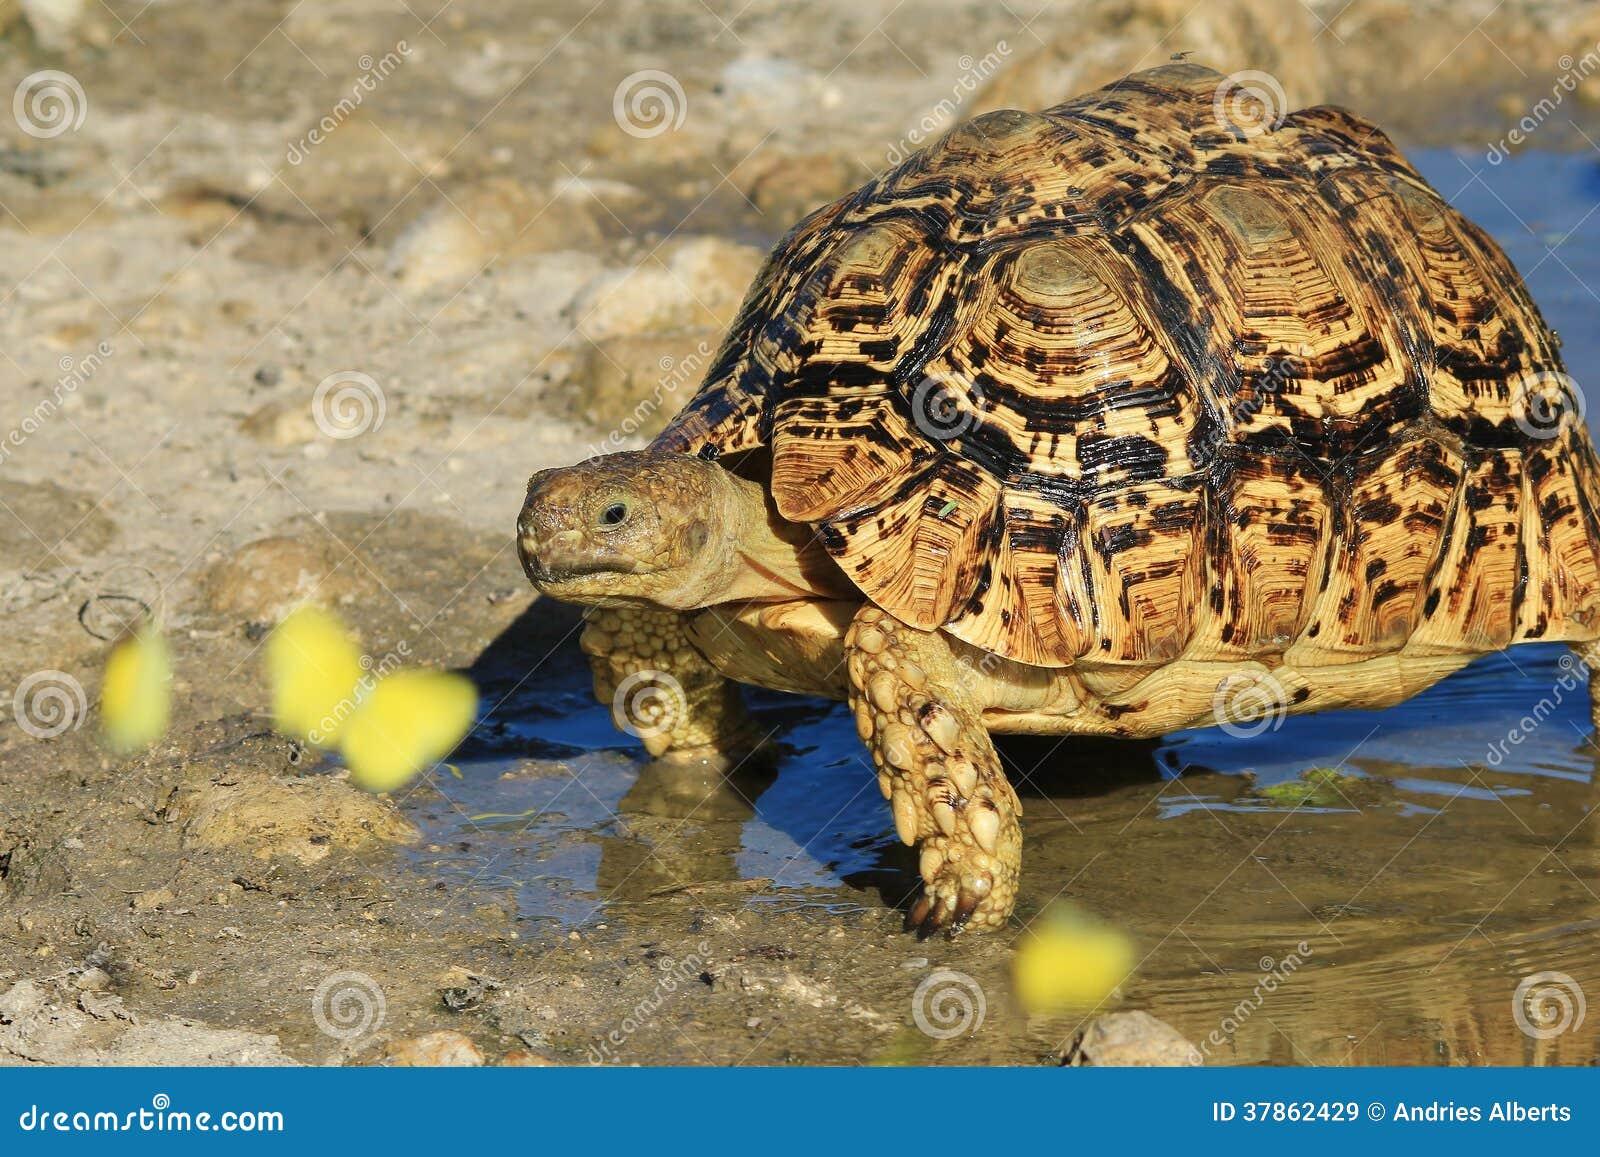 Schildkröten-Hintergrund - Afrikanische Farben Der Wild Lebenden ...